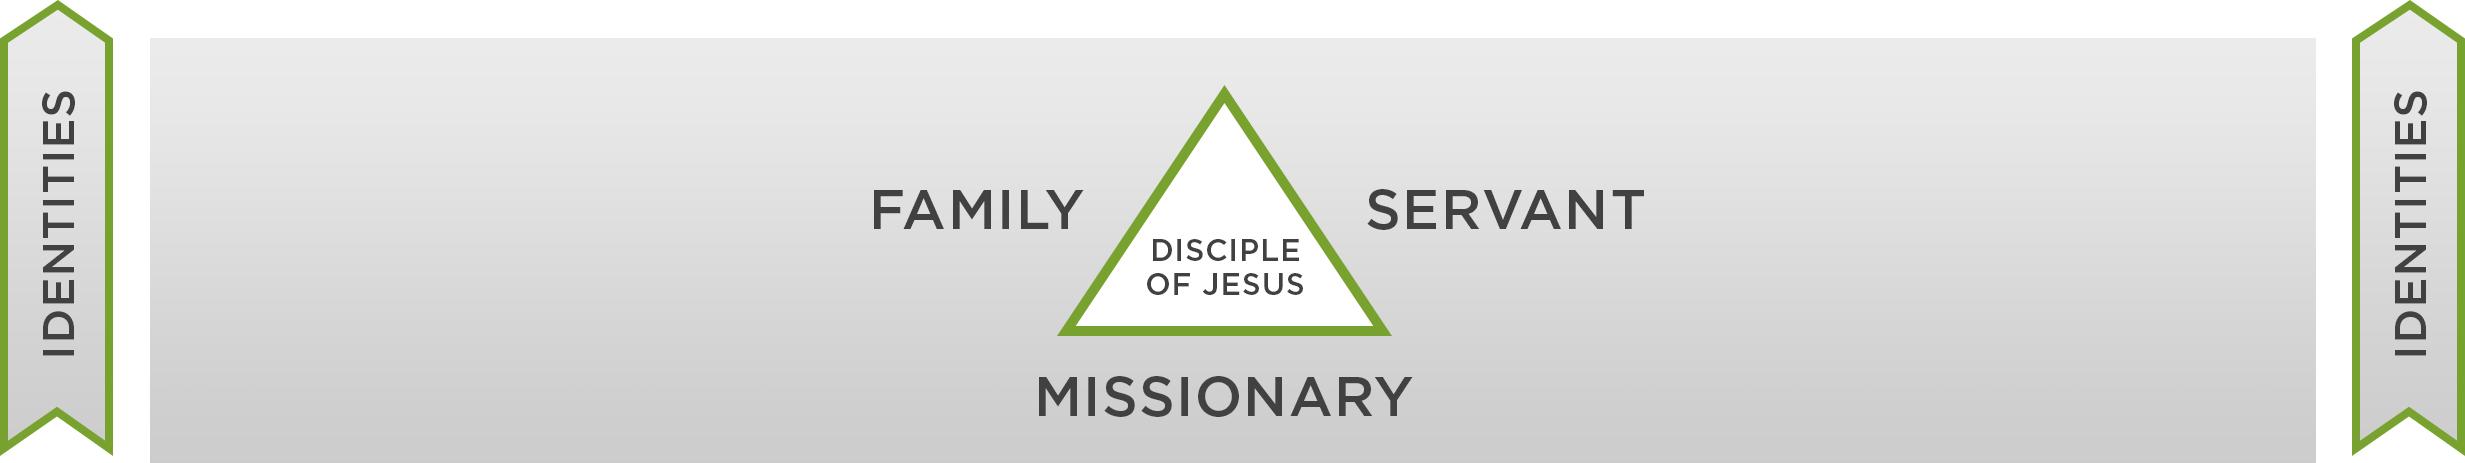 Discipleship+Framework+-+Identities.jpg